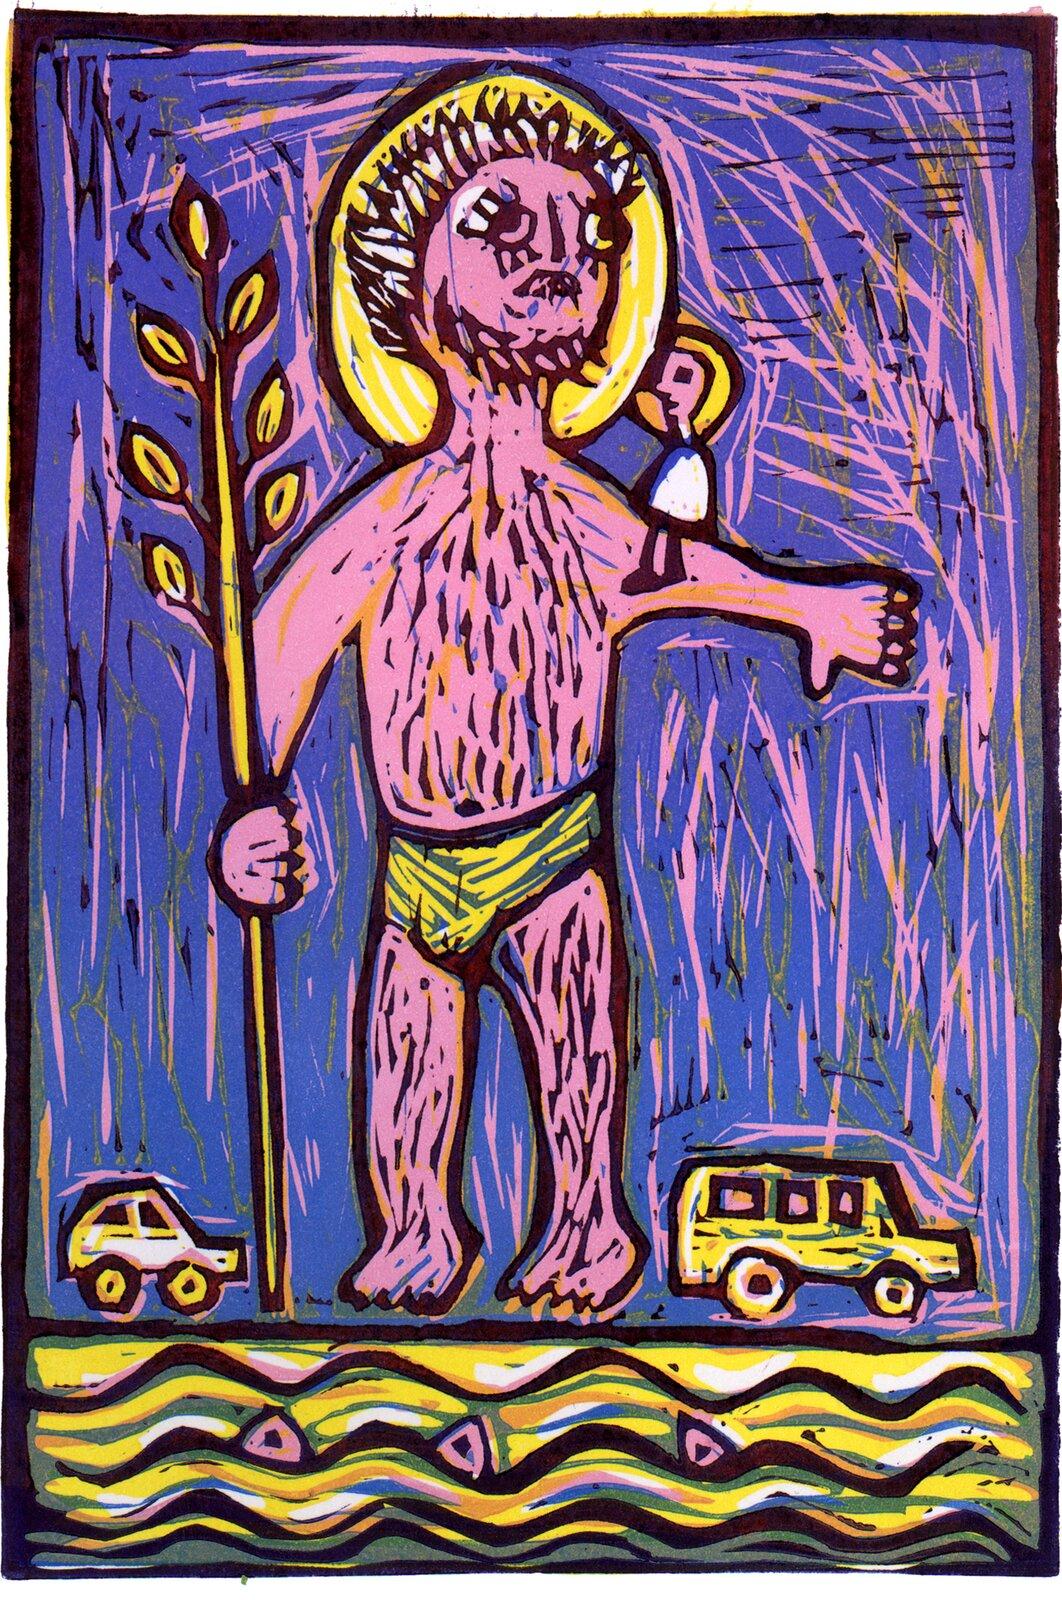 Ilustracja przedstawia linoryt autorstwa Joanny Frydrychowicz-Janiak, który ukazuje św. Krzysztofa. Święty jest półnagi, awdłoni trzyma kij zliśćmi. Na jego ramieniu siedzi Dzieciątko Jezus. Obydwaj wokół głów mają żółte nimby. Tło jest niebieskie, audołu jadą dwa żółte samochody. Pod nimi płynie rzeka.